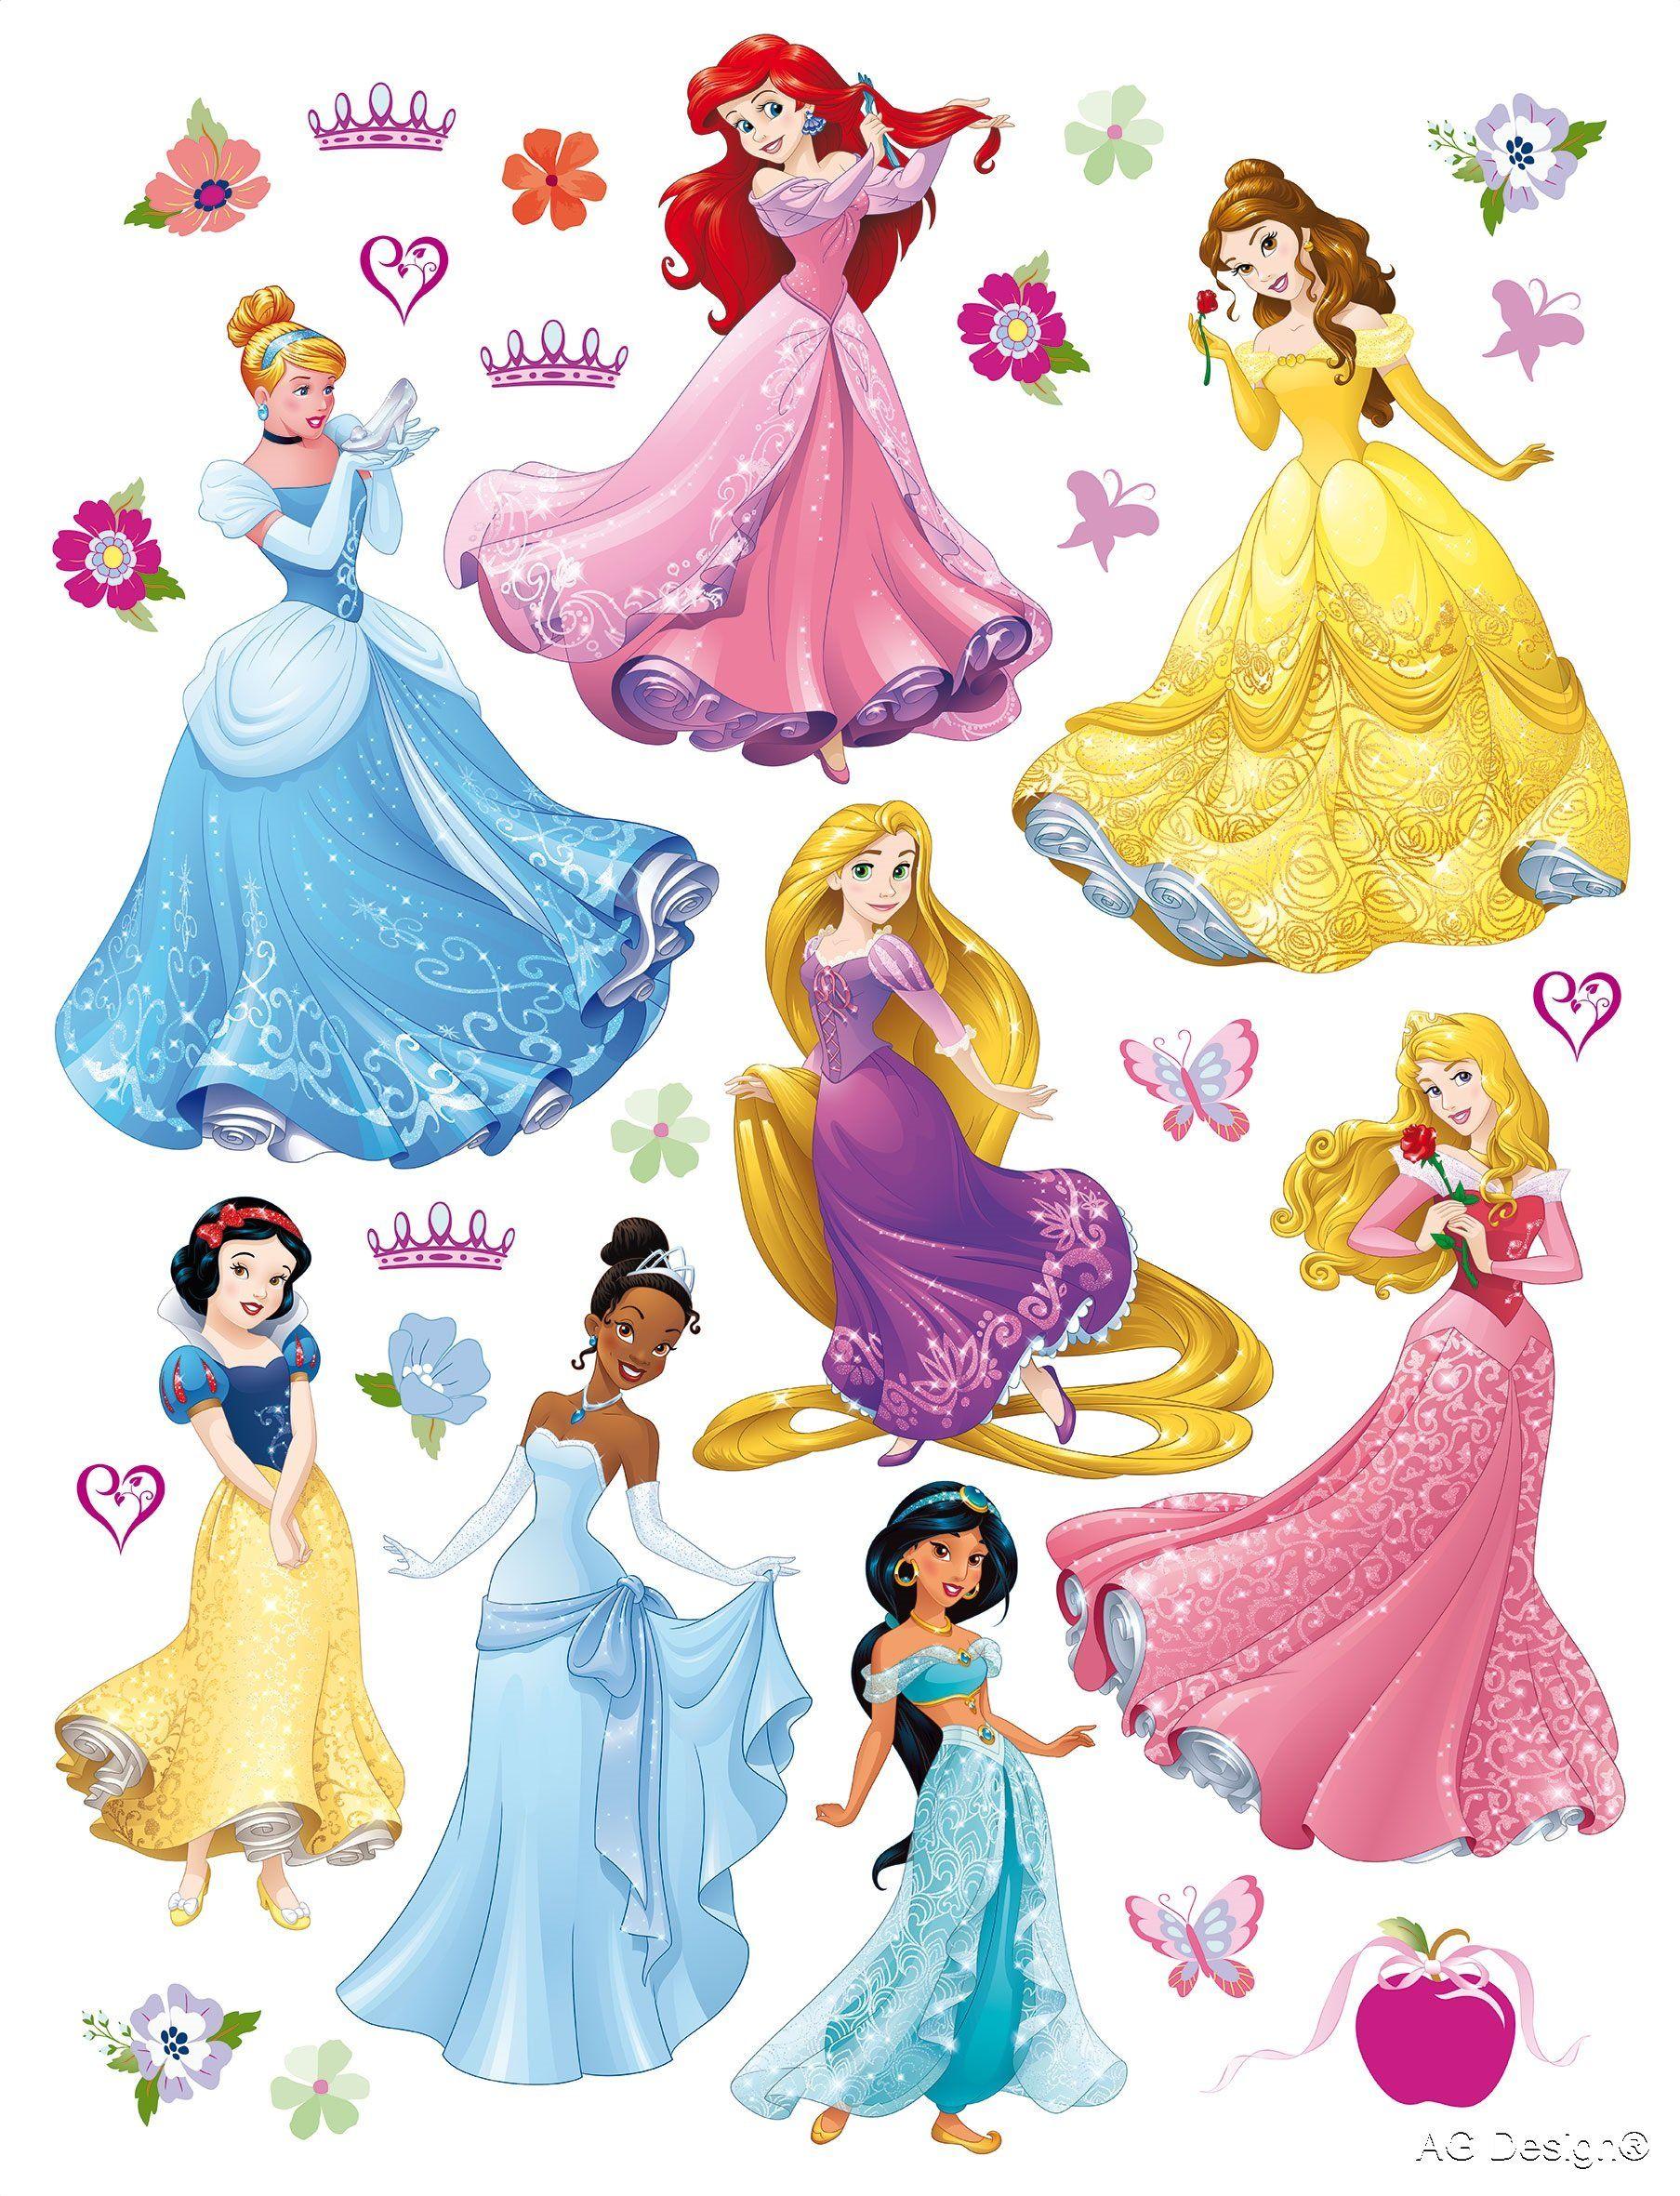 Naklejka ścienna DK 1722 Disney Princess księżniczka